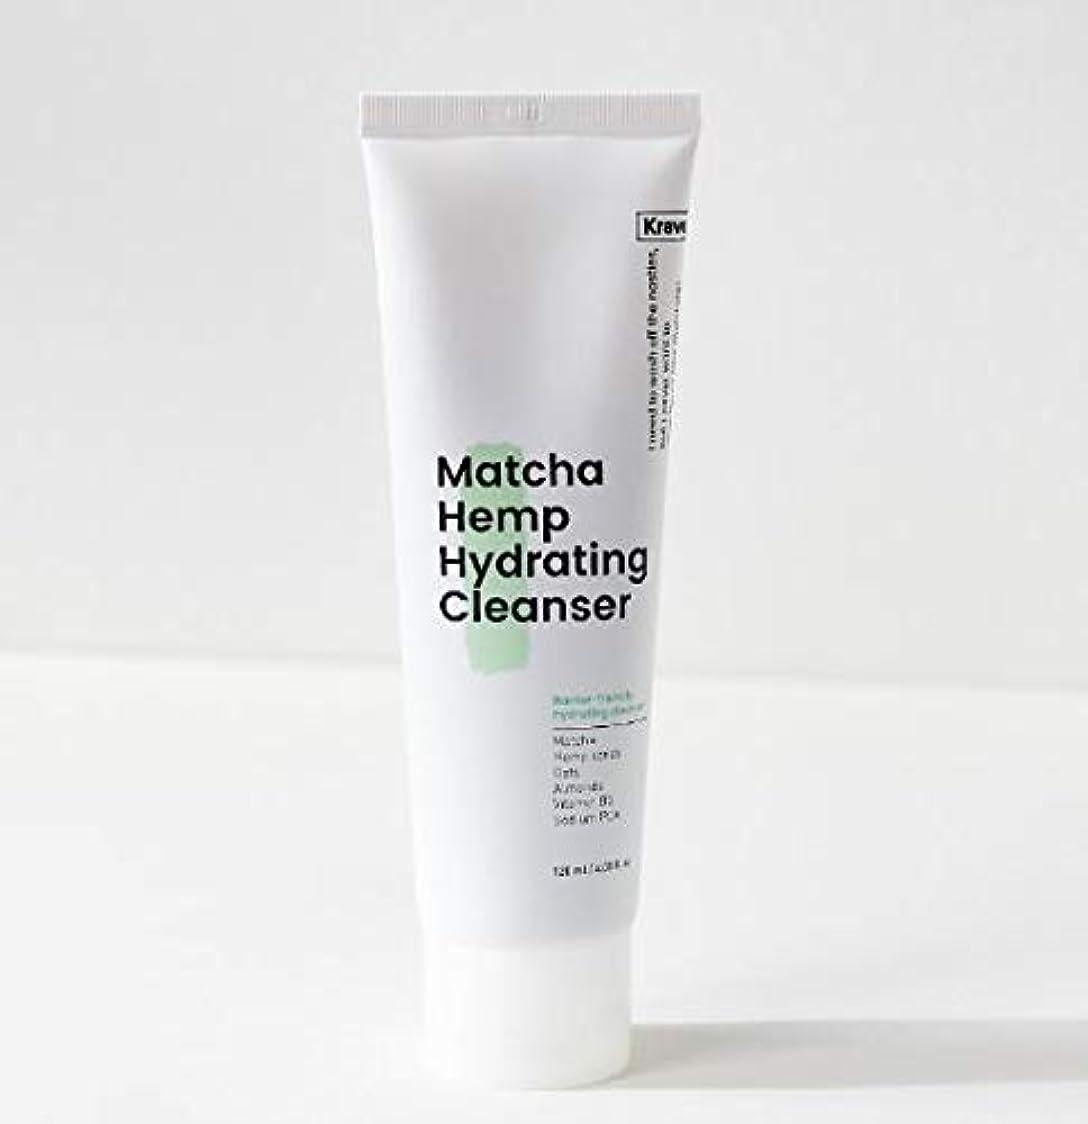 民族主義散文配管工[Krave] Matcha Hemp Hydrating Cleanser 120ml / 抹茶ハイドレイティングクレンザー120ml [並行輸入品]